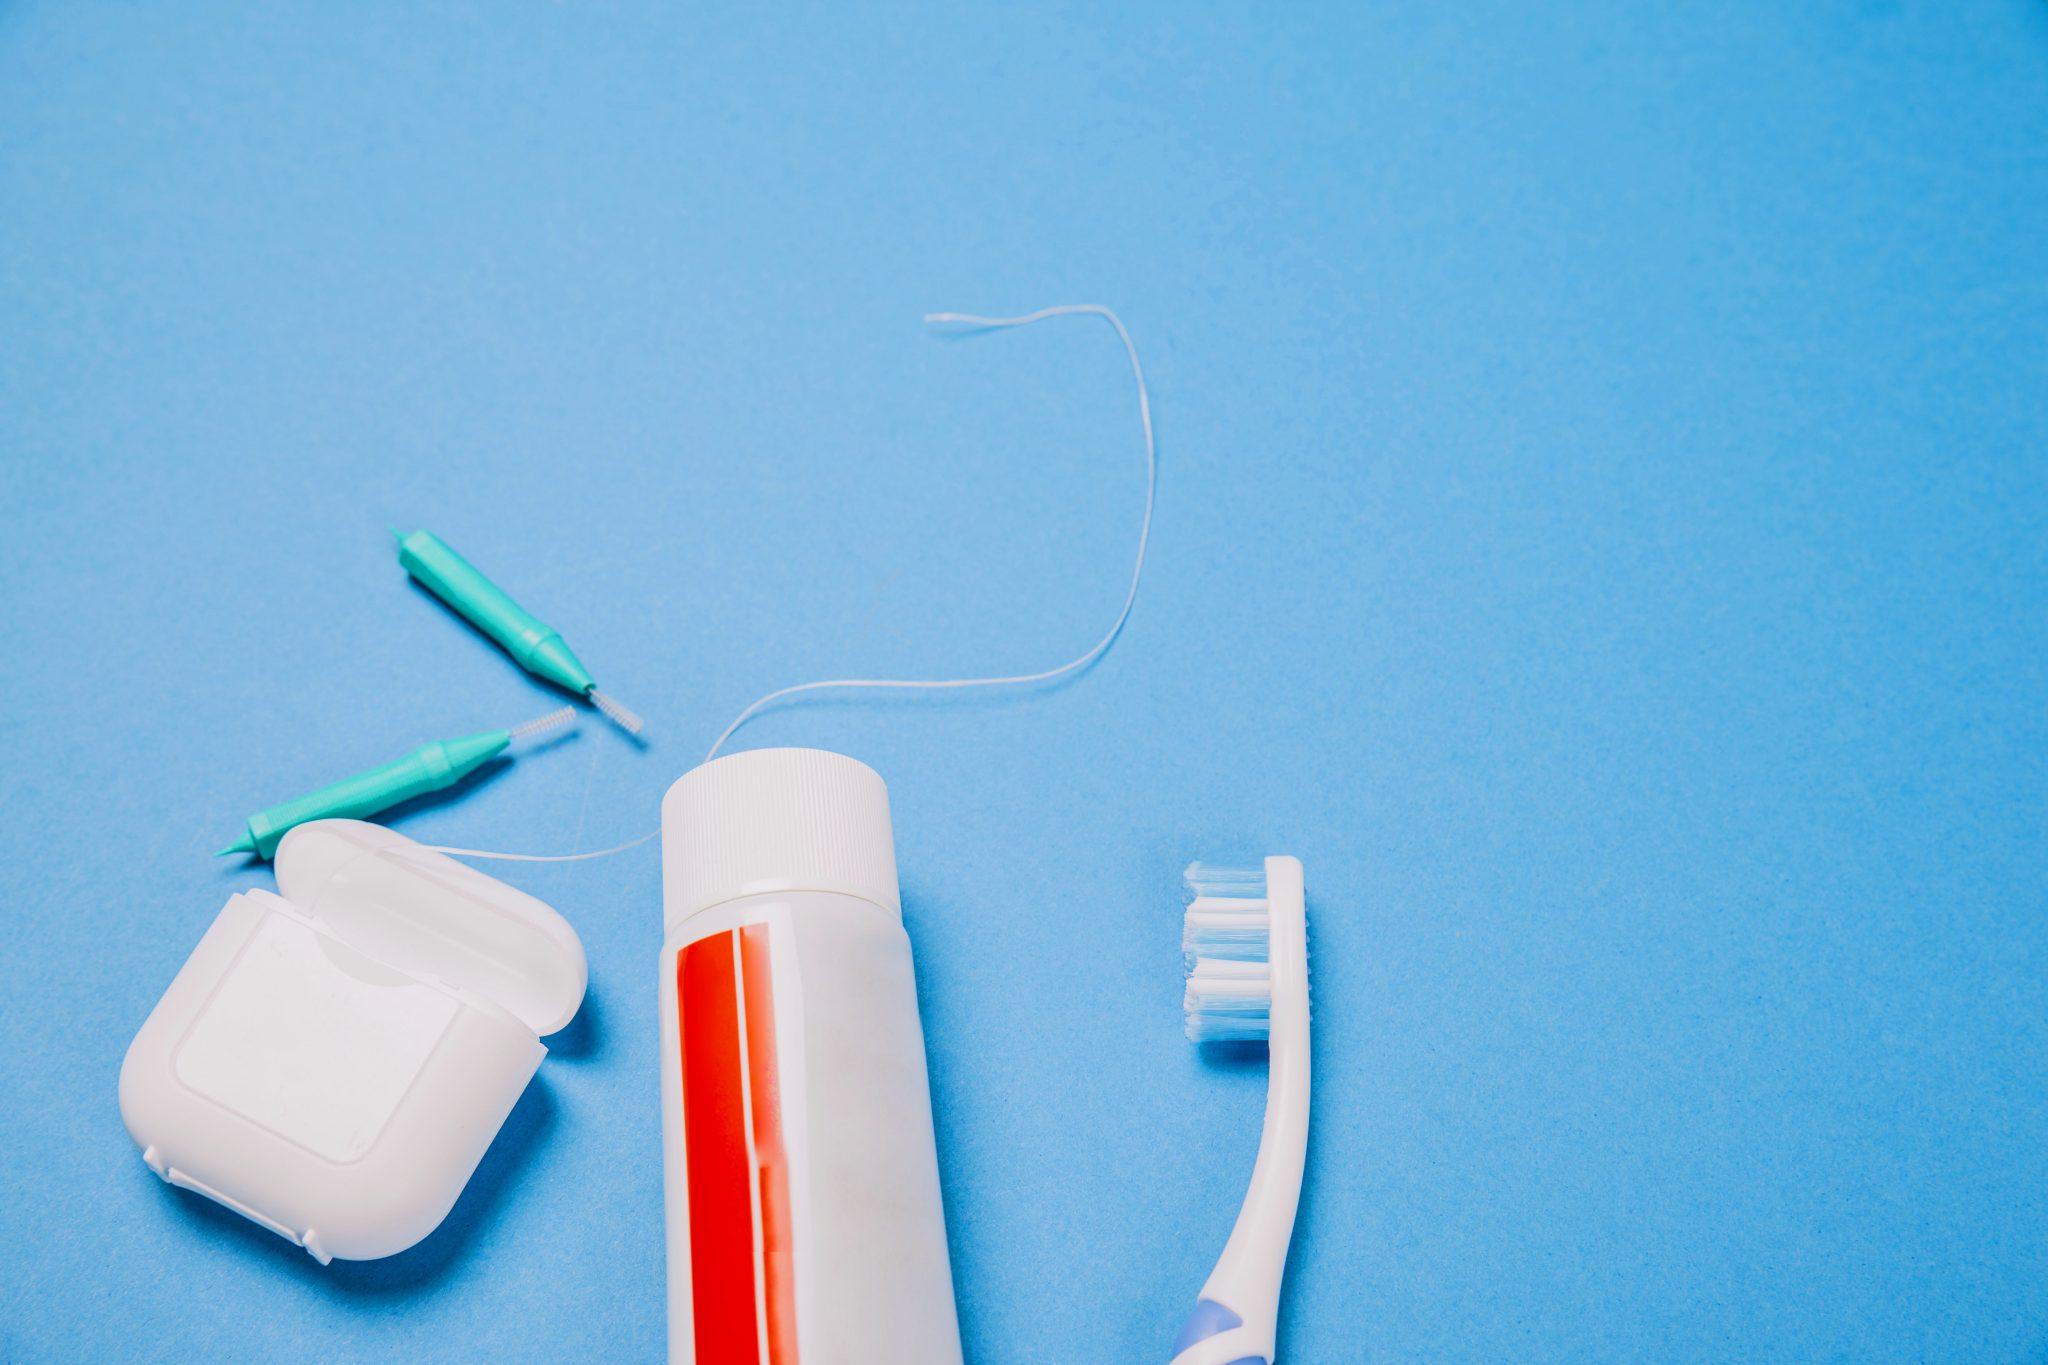 نخ دندان از ملزومات سلامت دندانهاست